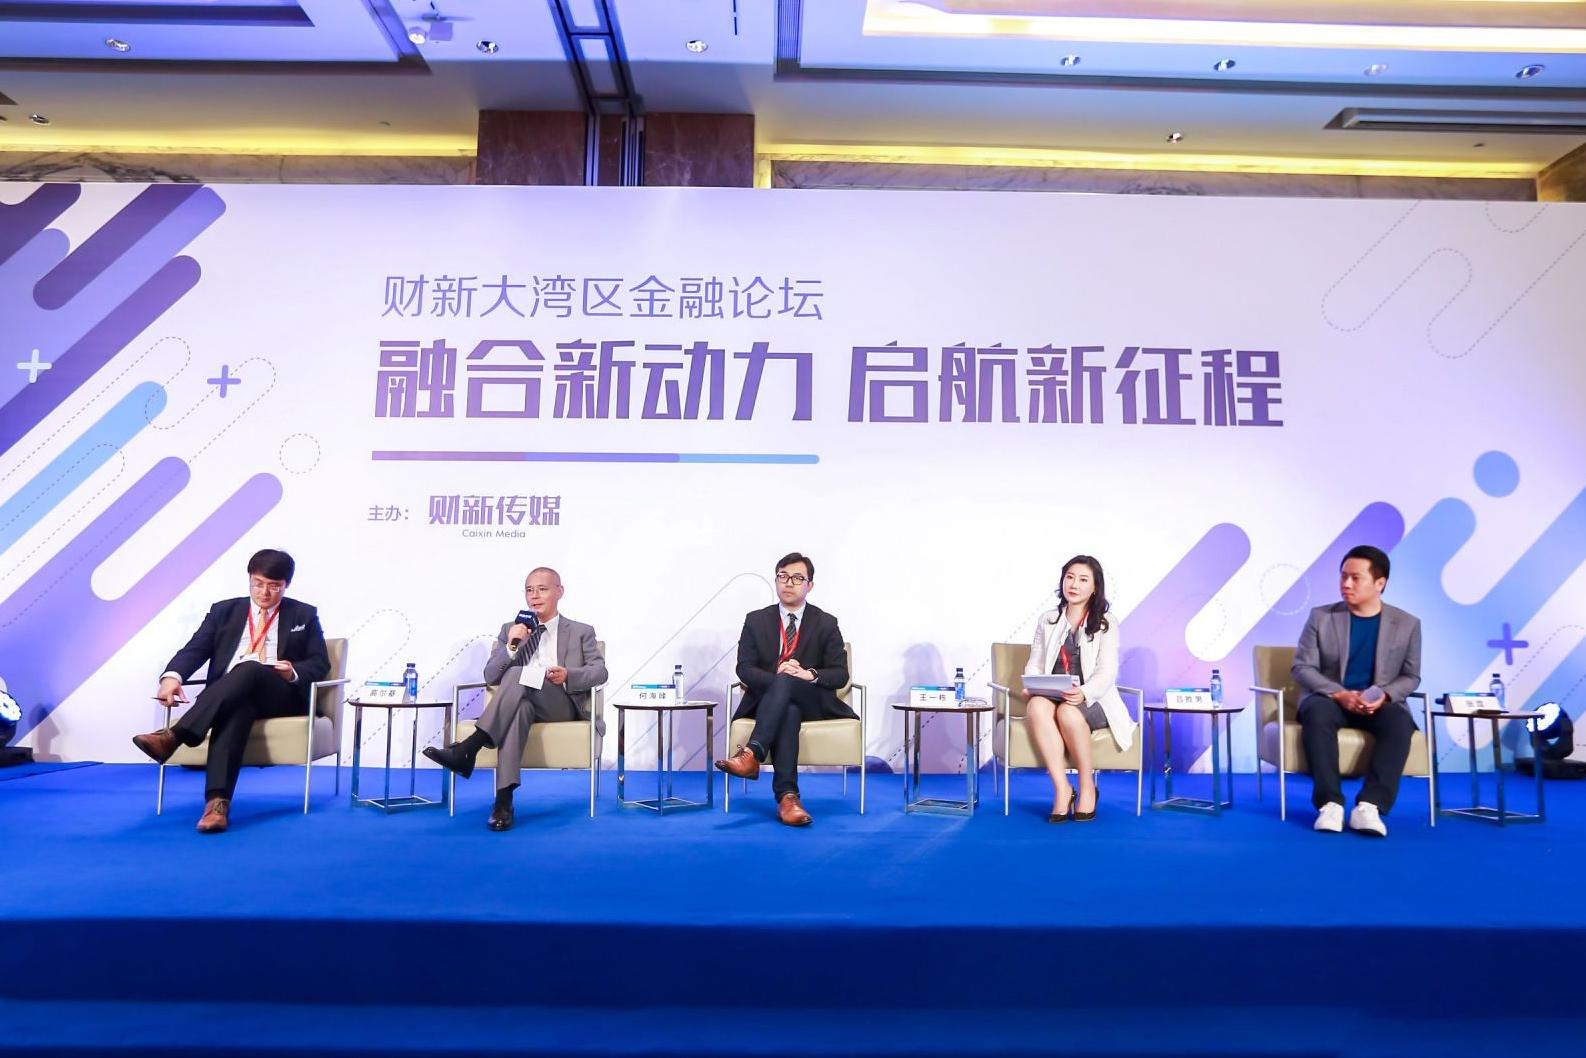 現場:華盛證券CEO張霆參與圓桌討論(右一)